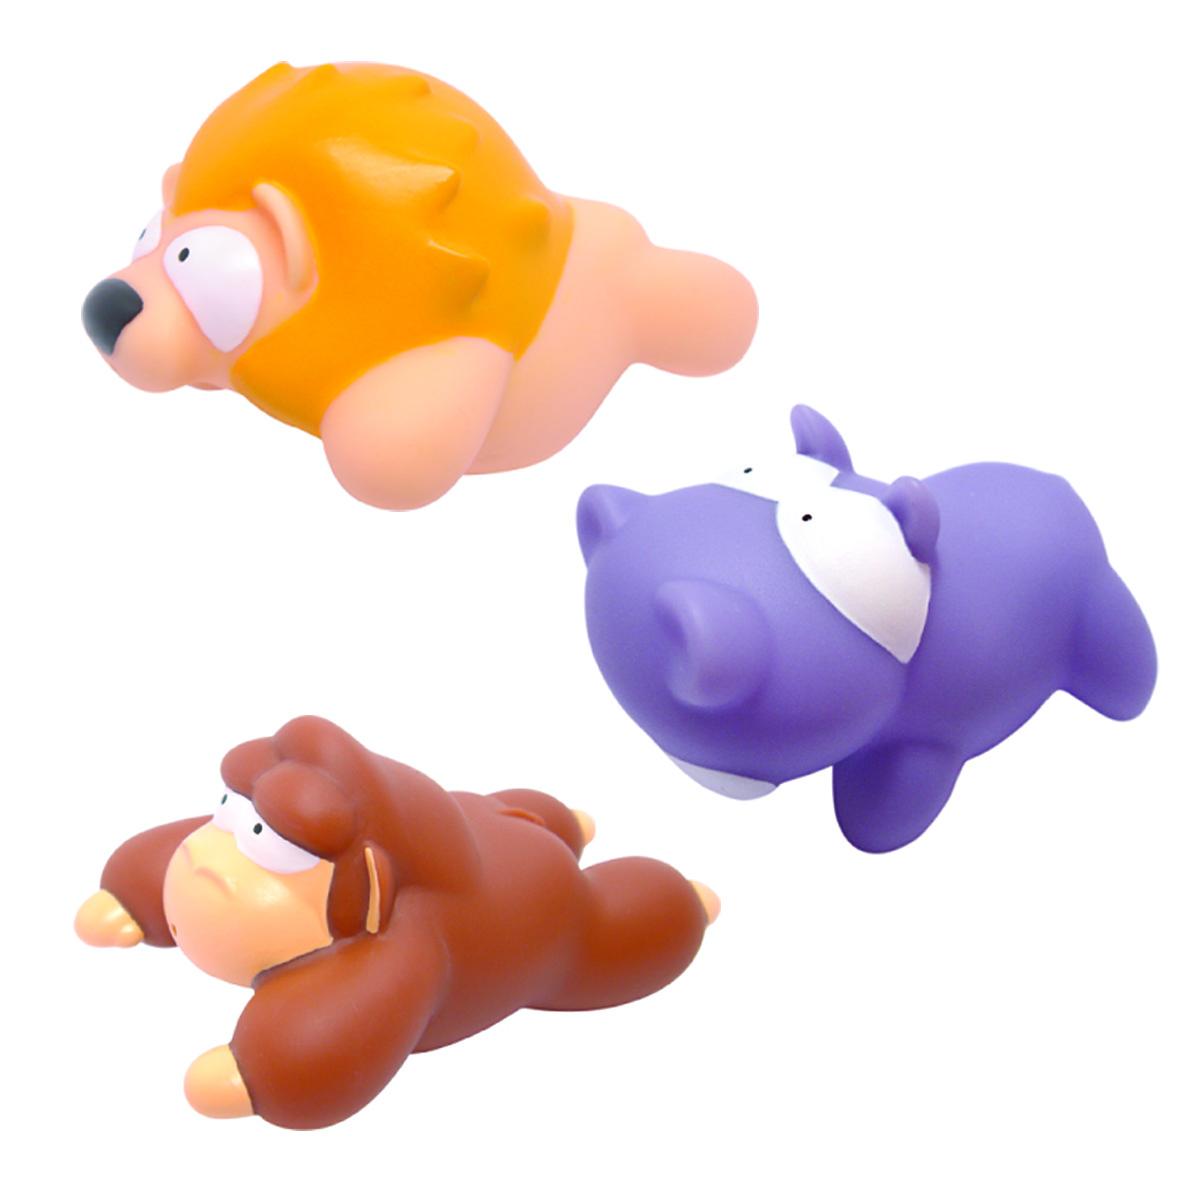 Mara Baby Набор игрушек для ванной Джунгли 3 шт24007С набором игрушек для ванной Mara Baby Джунгли принимать водные процедуры станет еще веселее и приятнее. В набор входят три игрушки - лев, обезьяна и бегемот. Игрушки могут брызгать водой. Набор доставит ребенку большое удовольствие и поможет преодолеть страх перед купанием. Игрушки для ванной способствуют развитию воображения, цветового восприятия, тактильных ощущений и мелкой моторики рук.